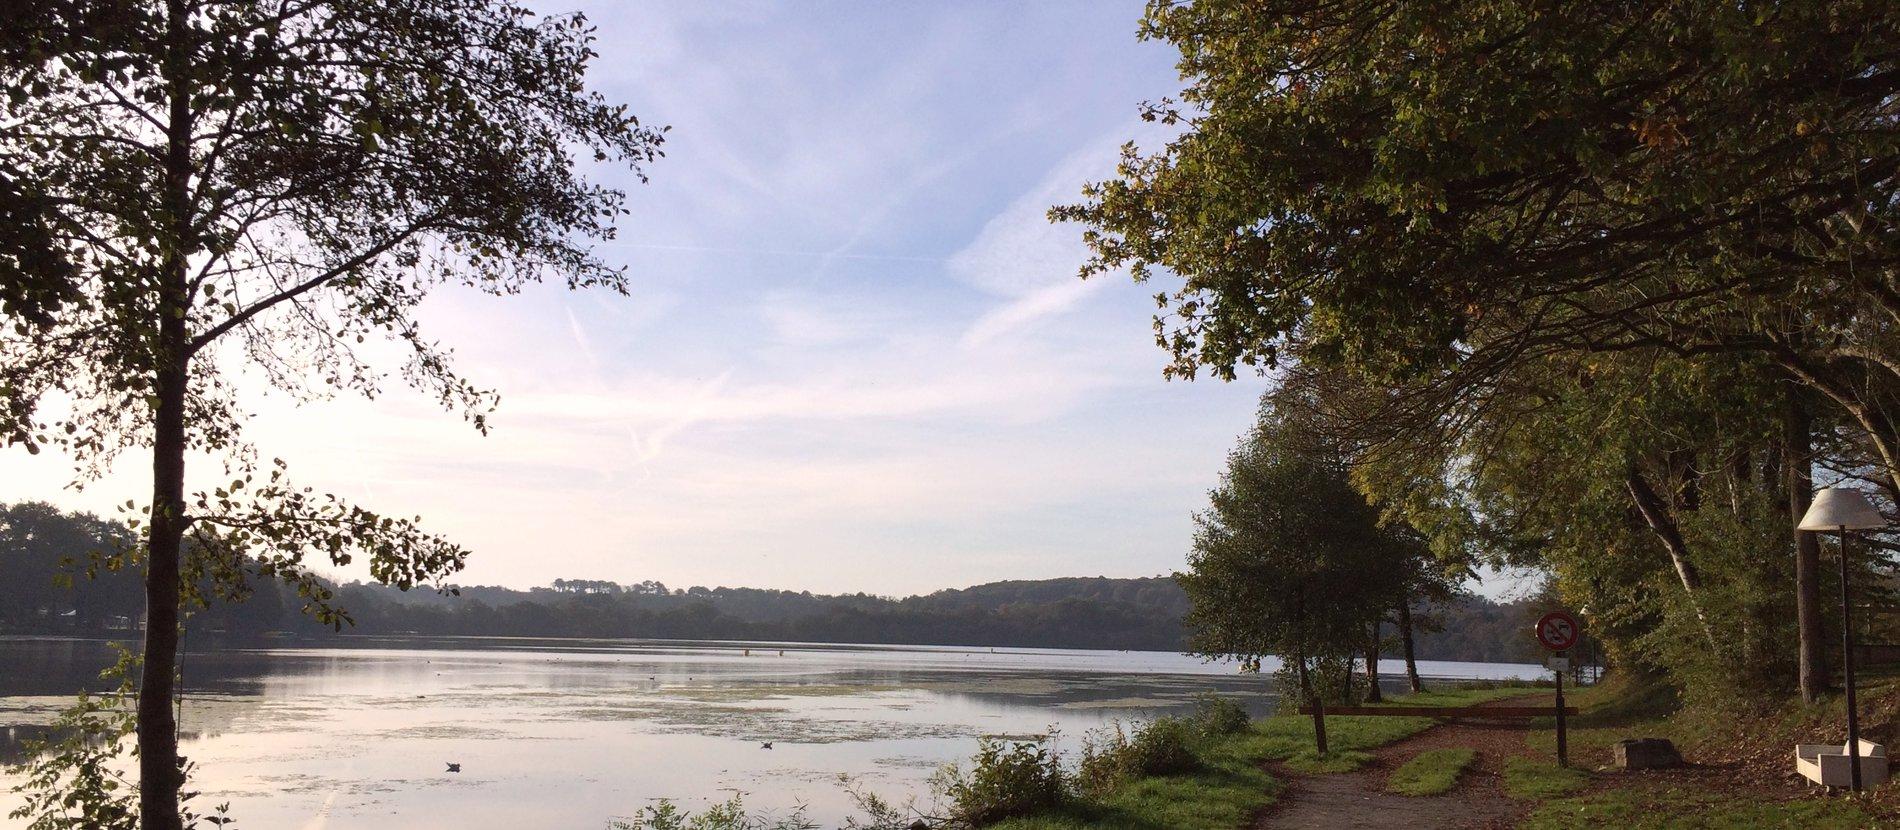 Camping ille et vilaine camping du lac bain de for Camping lac leman avec piscine